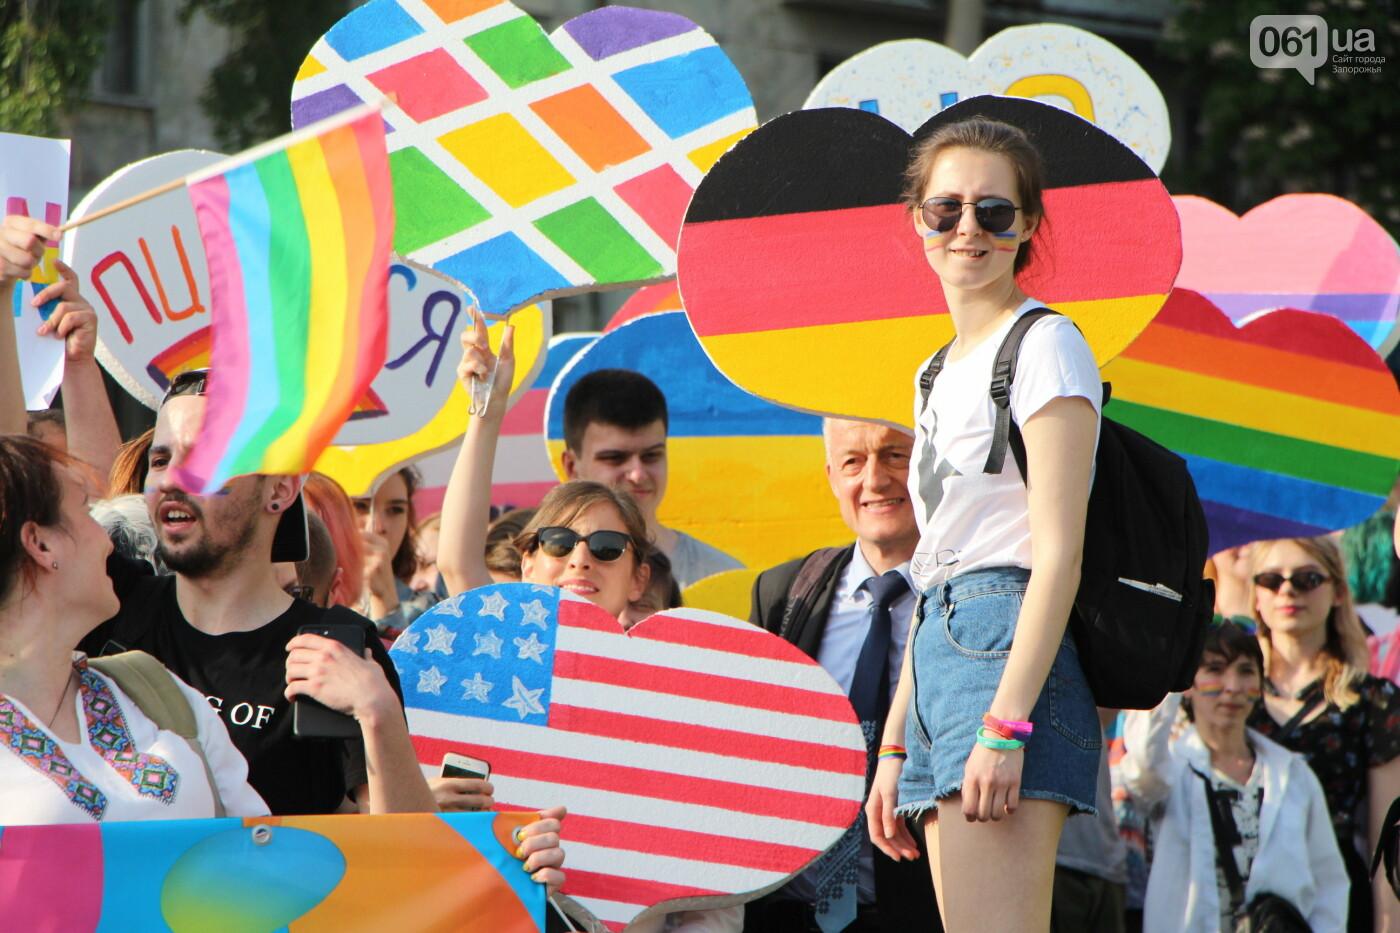 """""""Радужный флешмоб"""" переехал из-за угрозы насилия: как прошла ЛГБТ-акция в Запорожье, - ФОТОРЕПОРТАЖ, фото-10"""